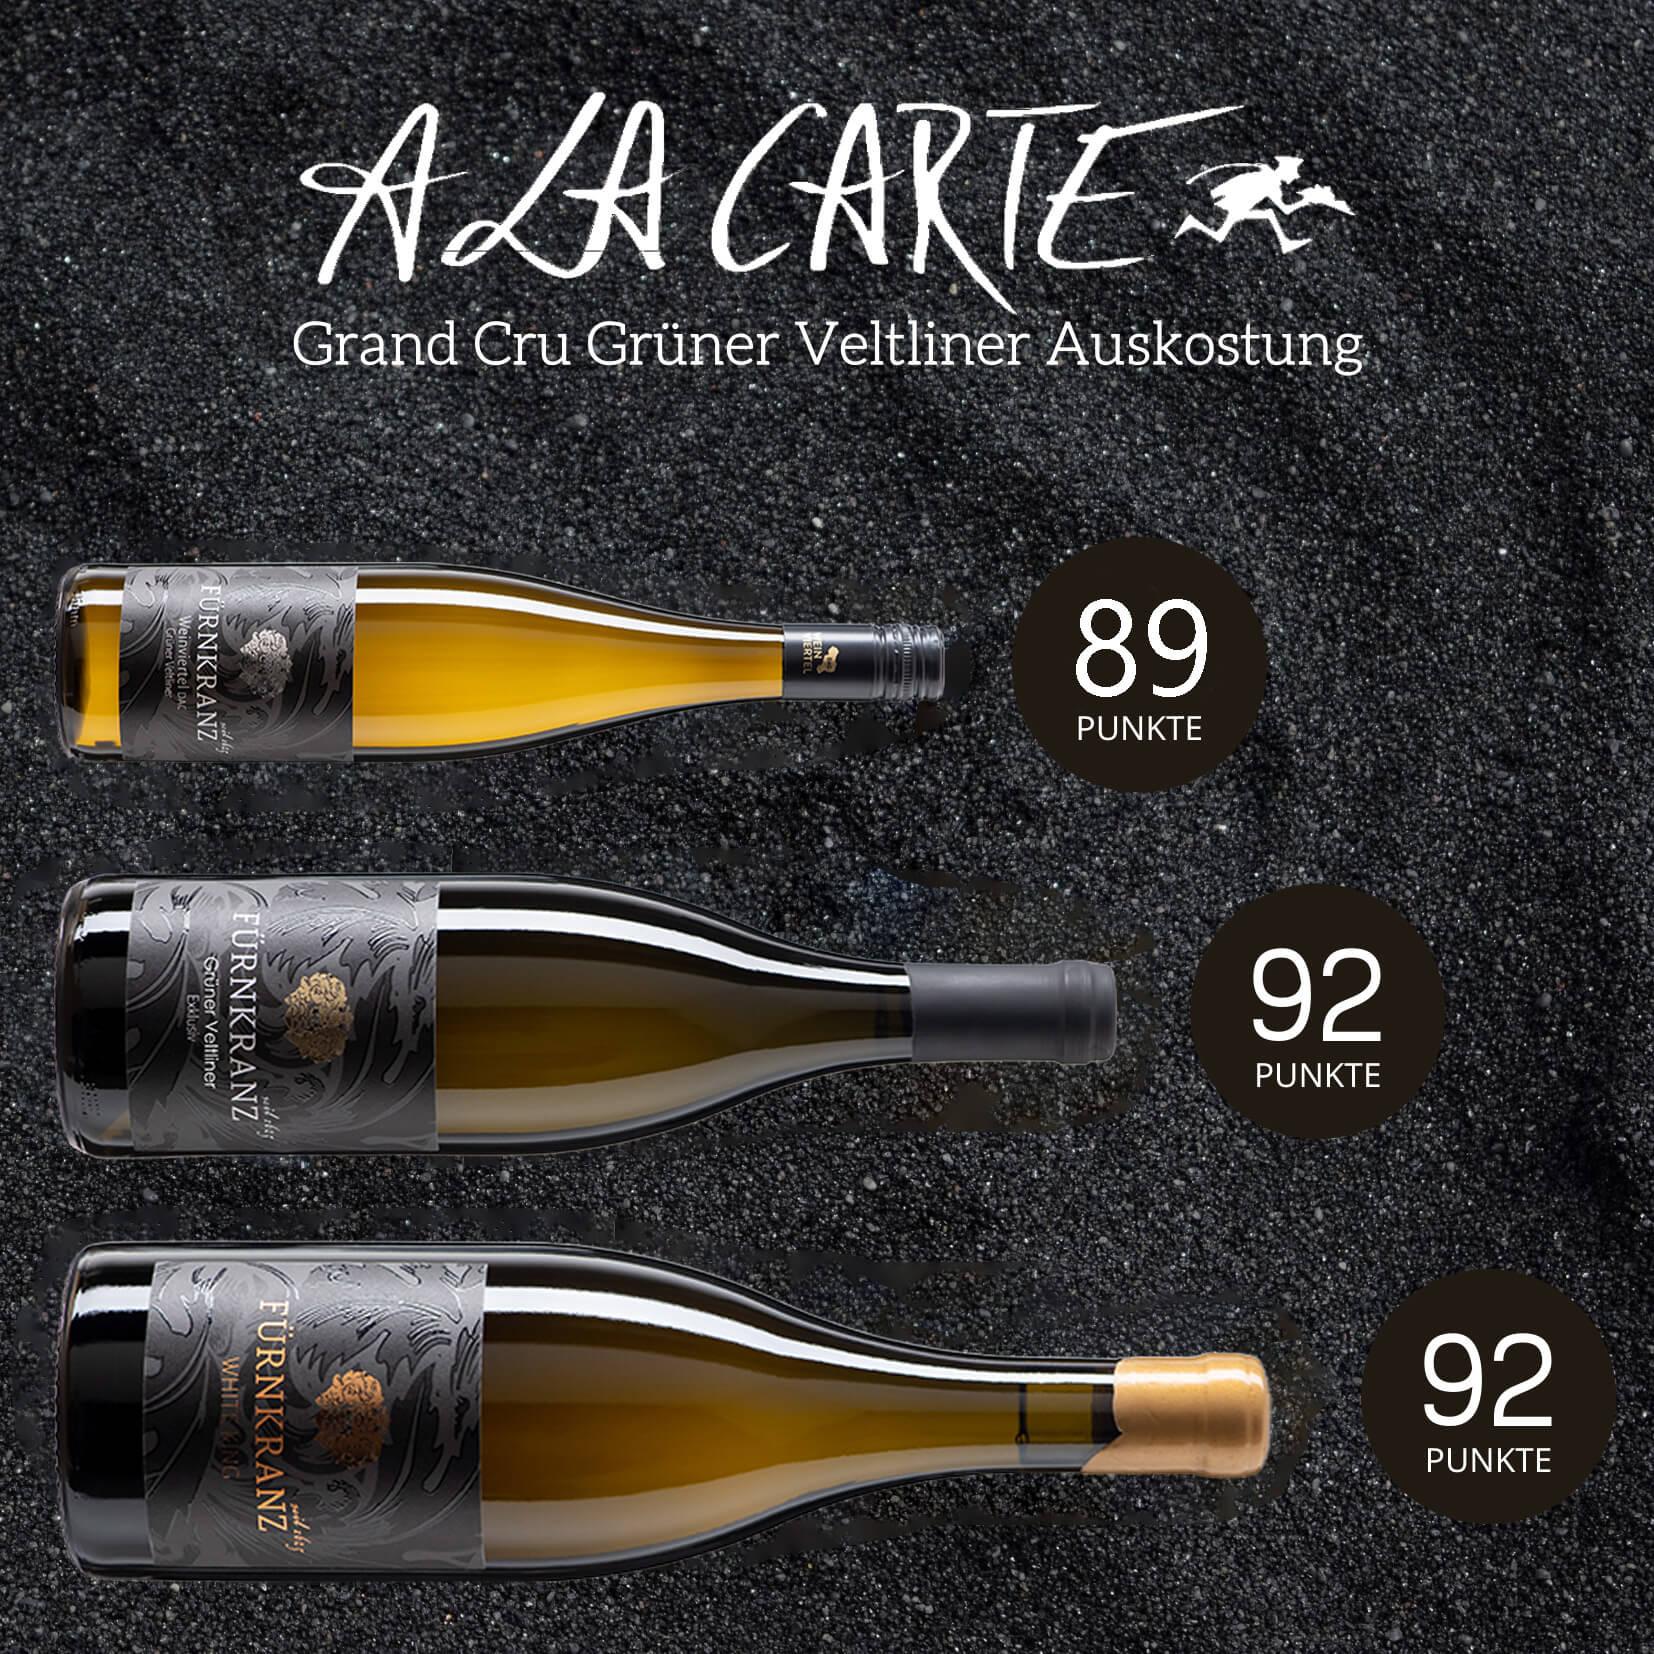 A La CArte Grüner Veltliner Probepaket vom Weingut Fürnkranz